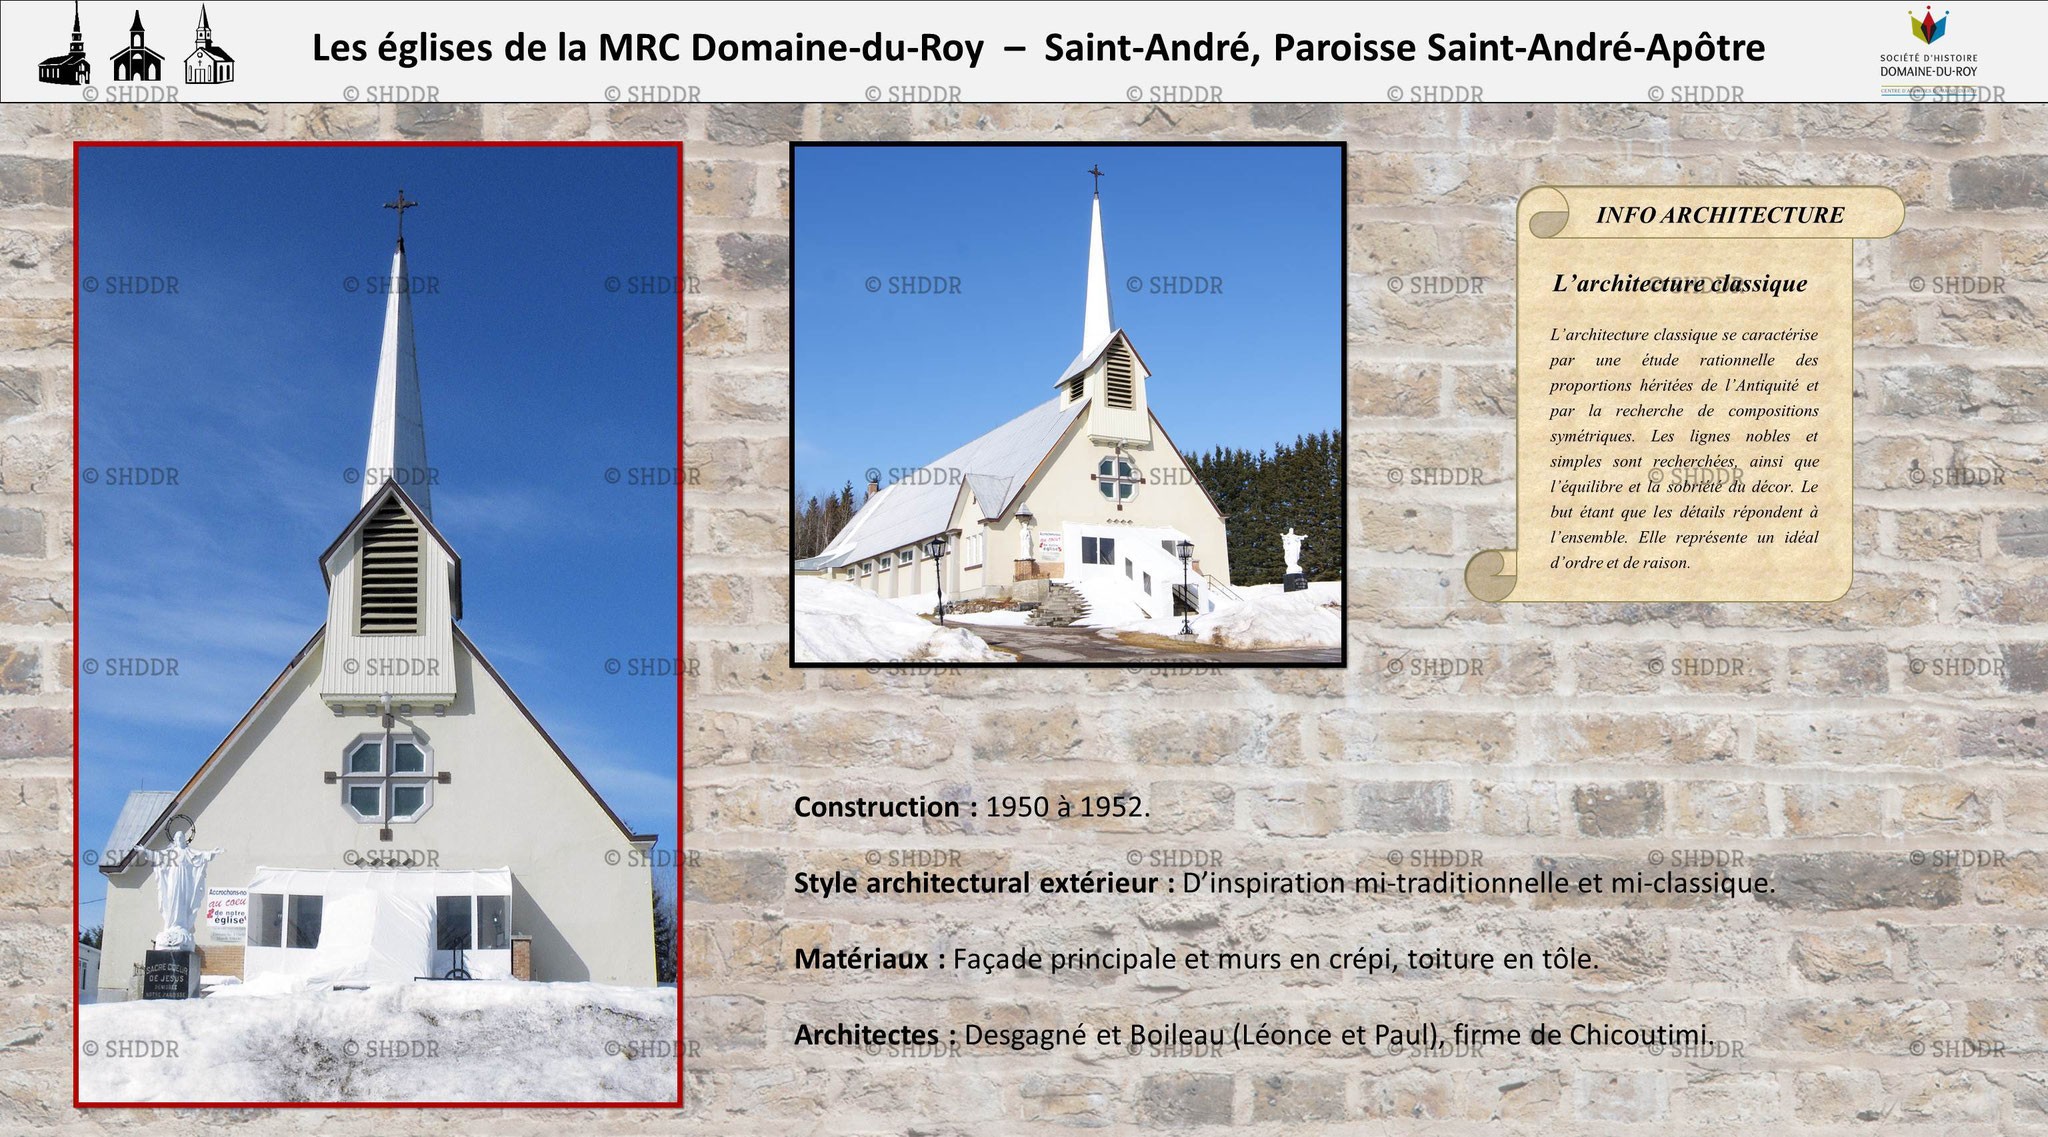 Saint-André - Paroisse Saint-André-Apôtre